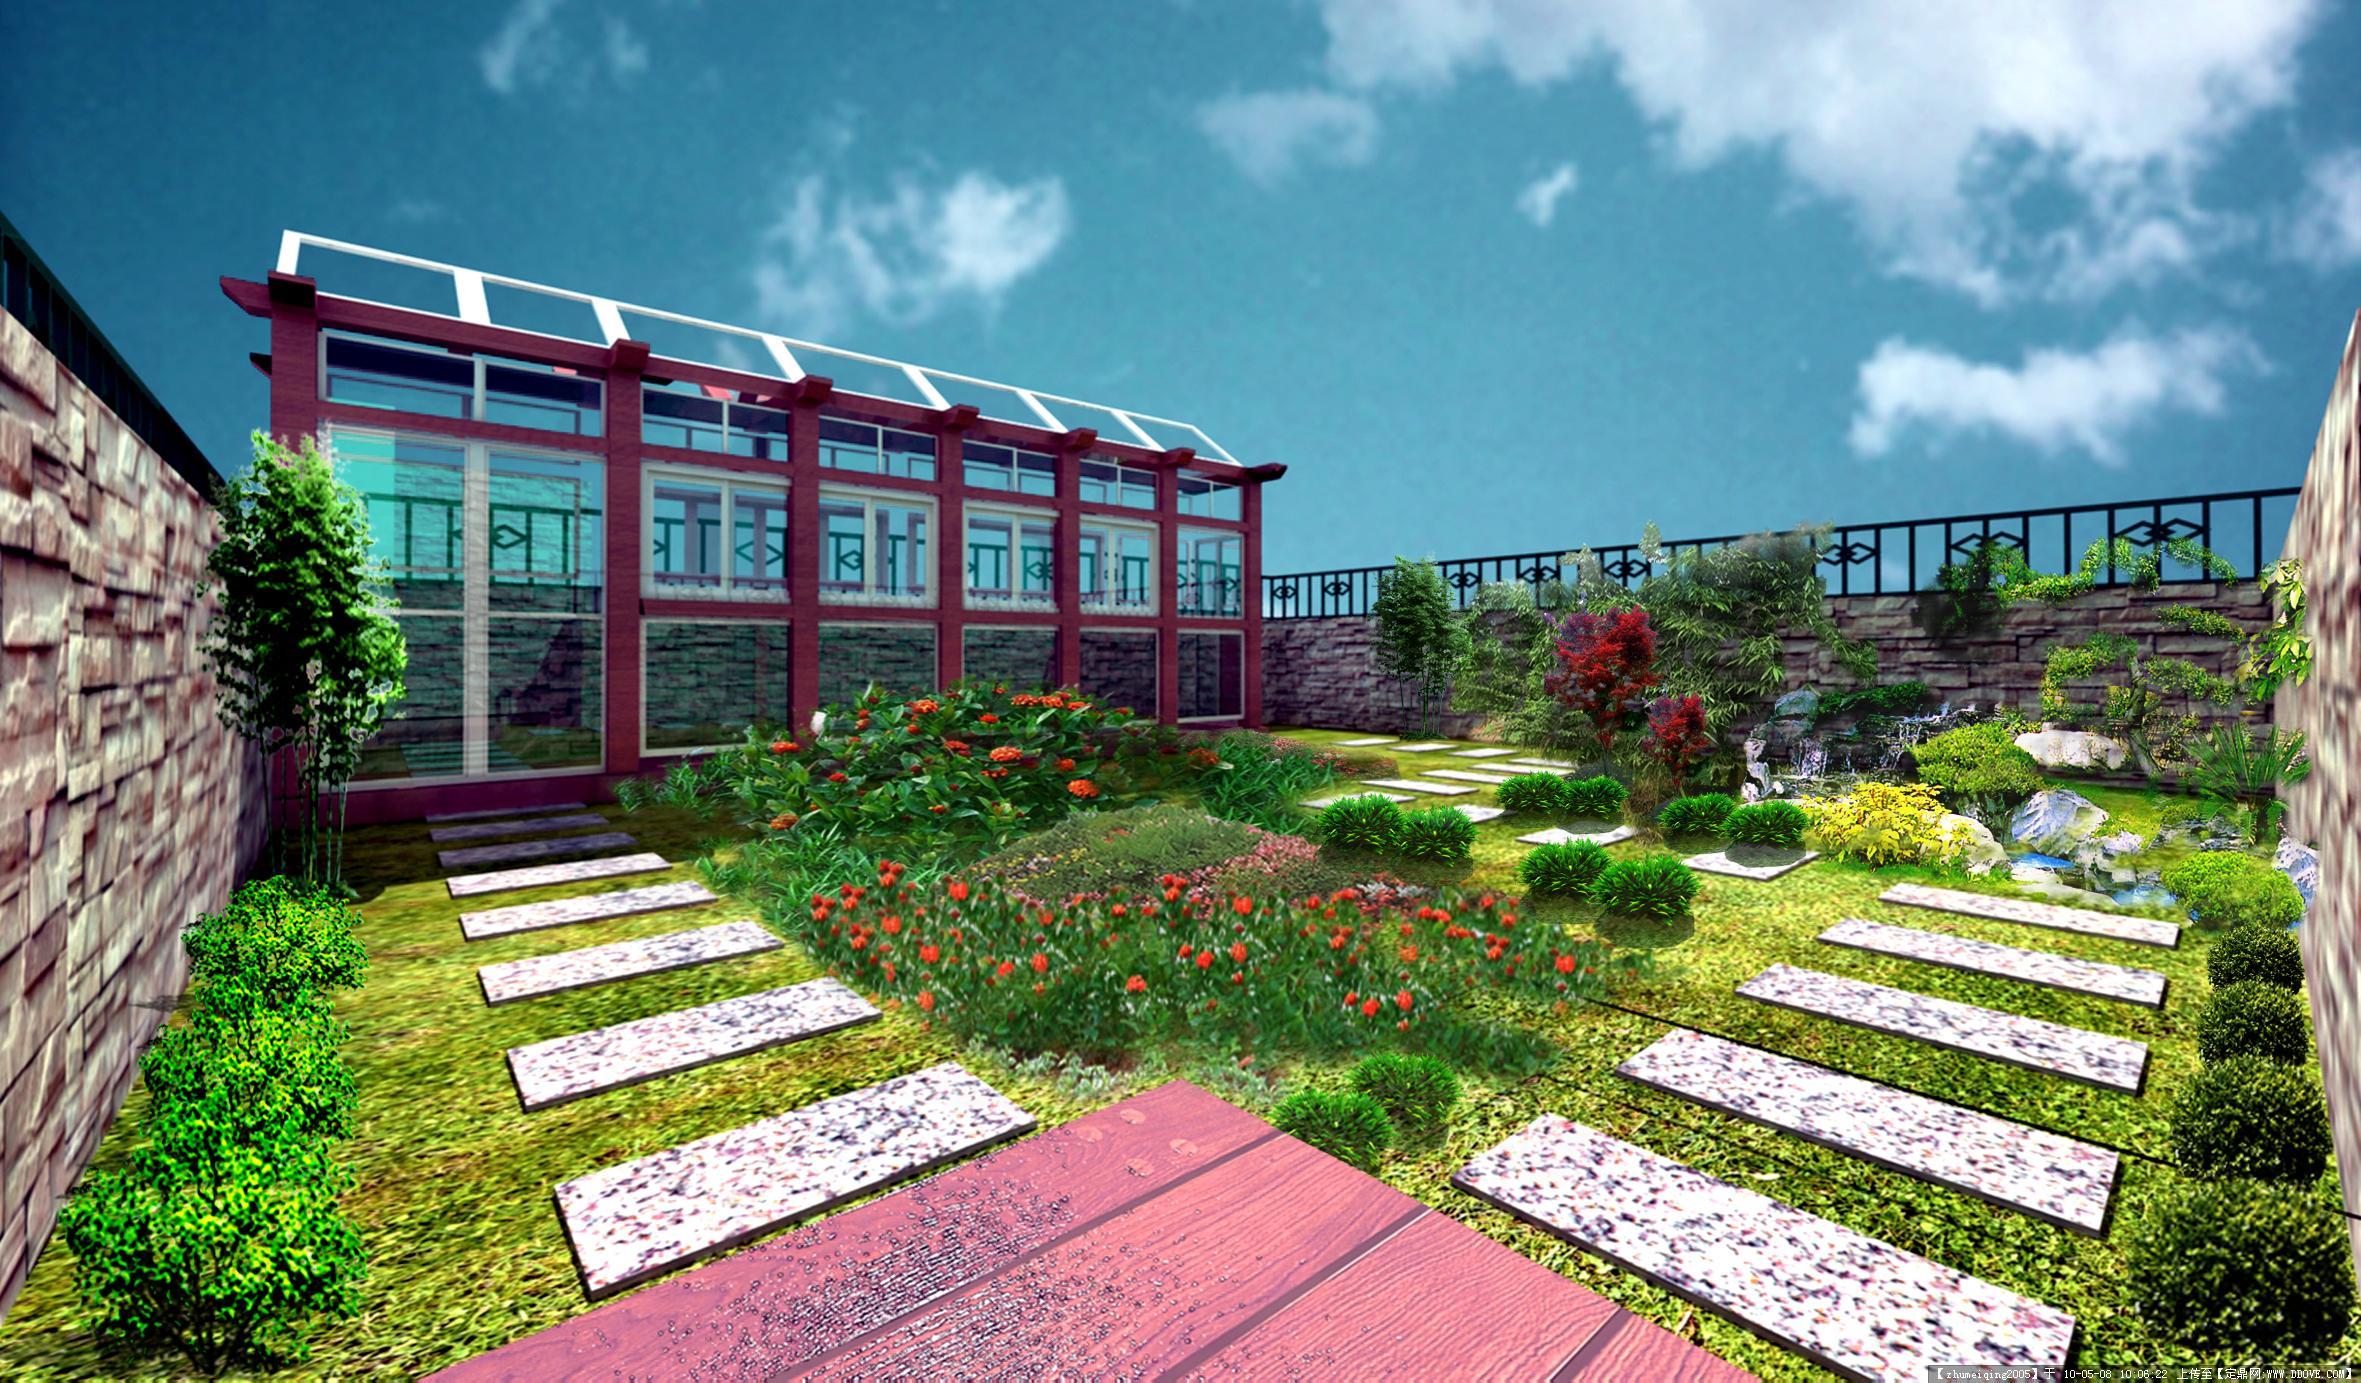 屋顶花园设计效果图_屋顶花园设计效果图图片素材